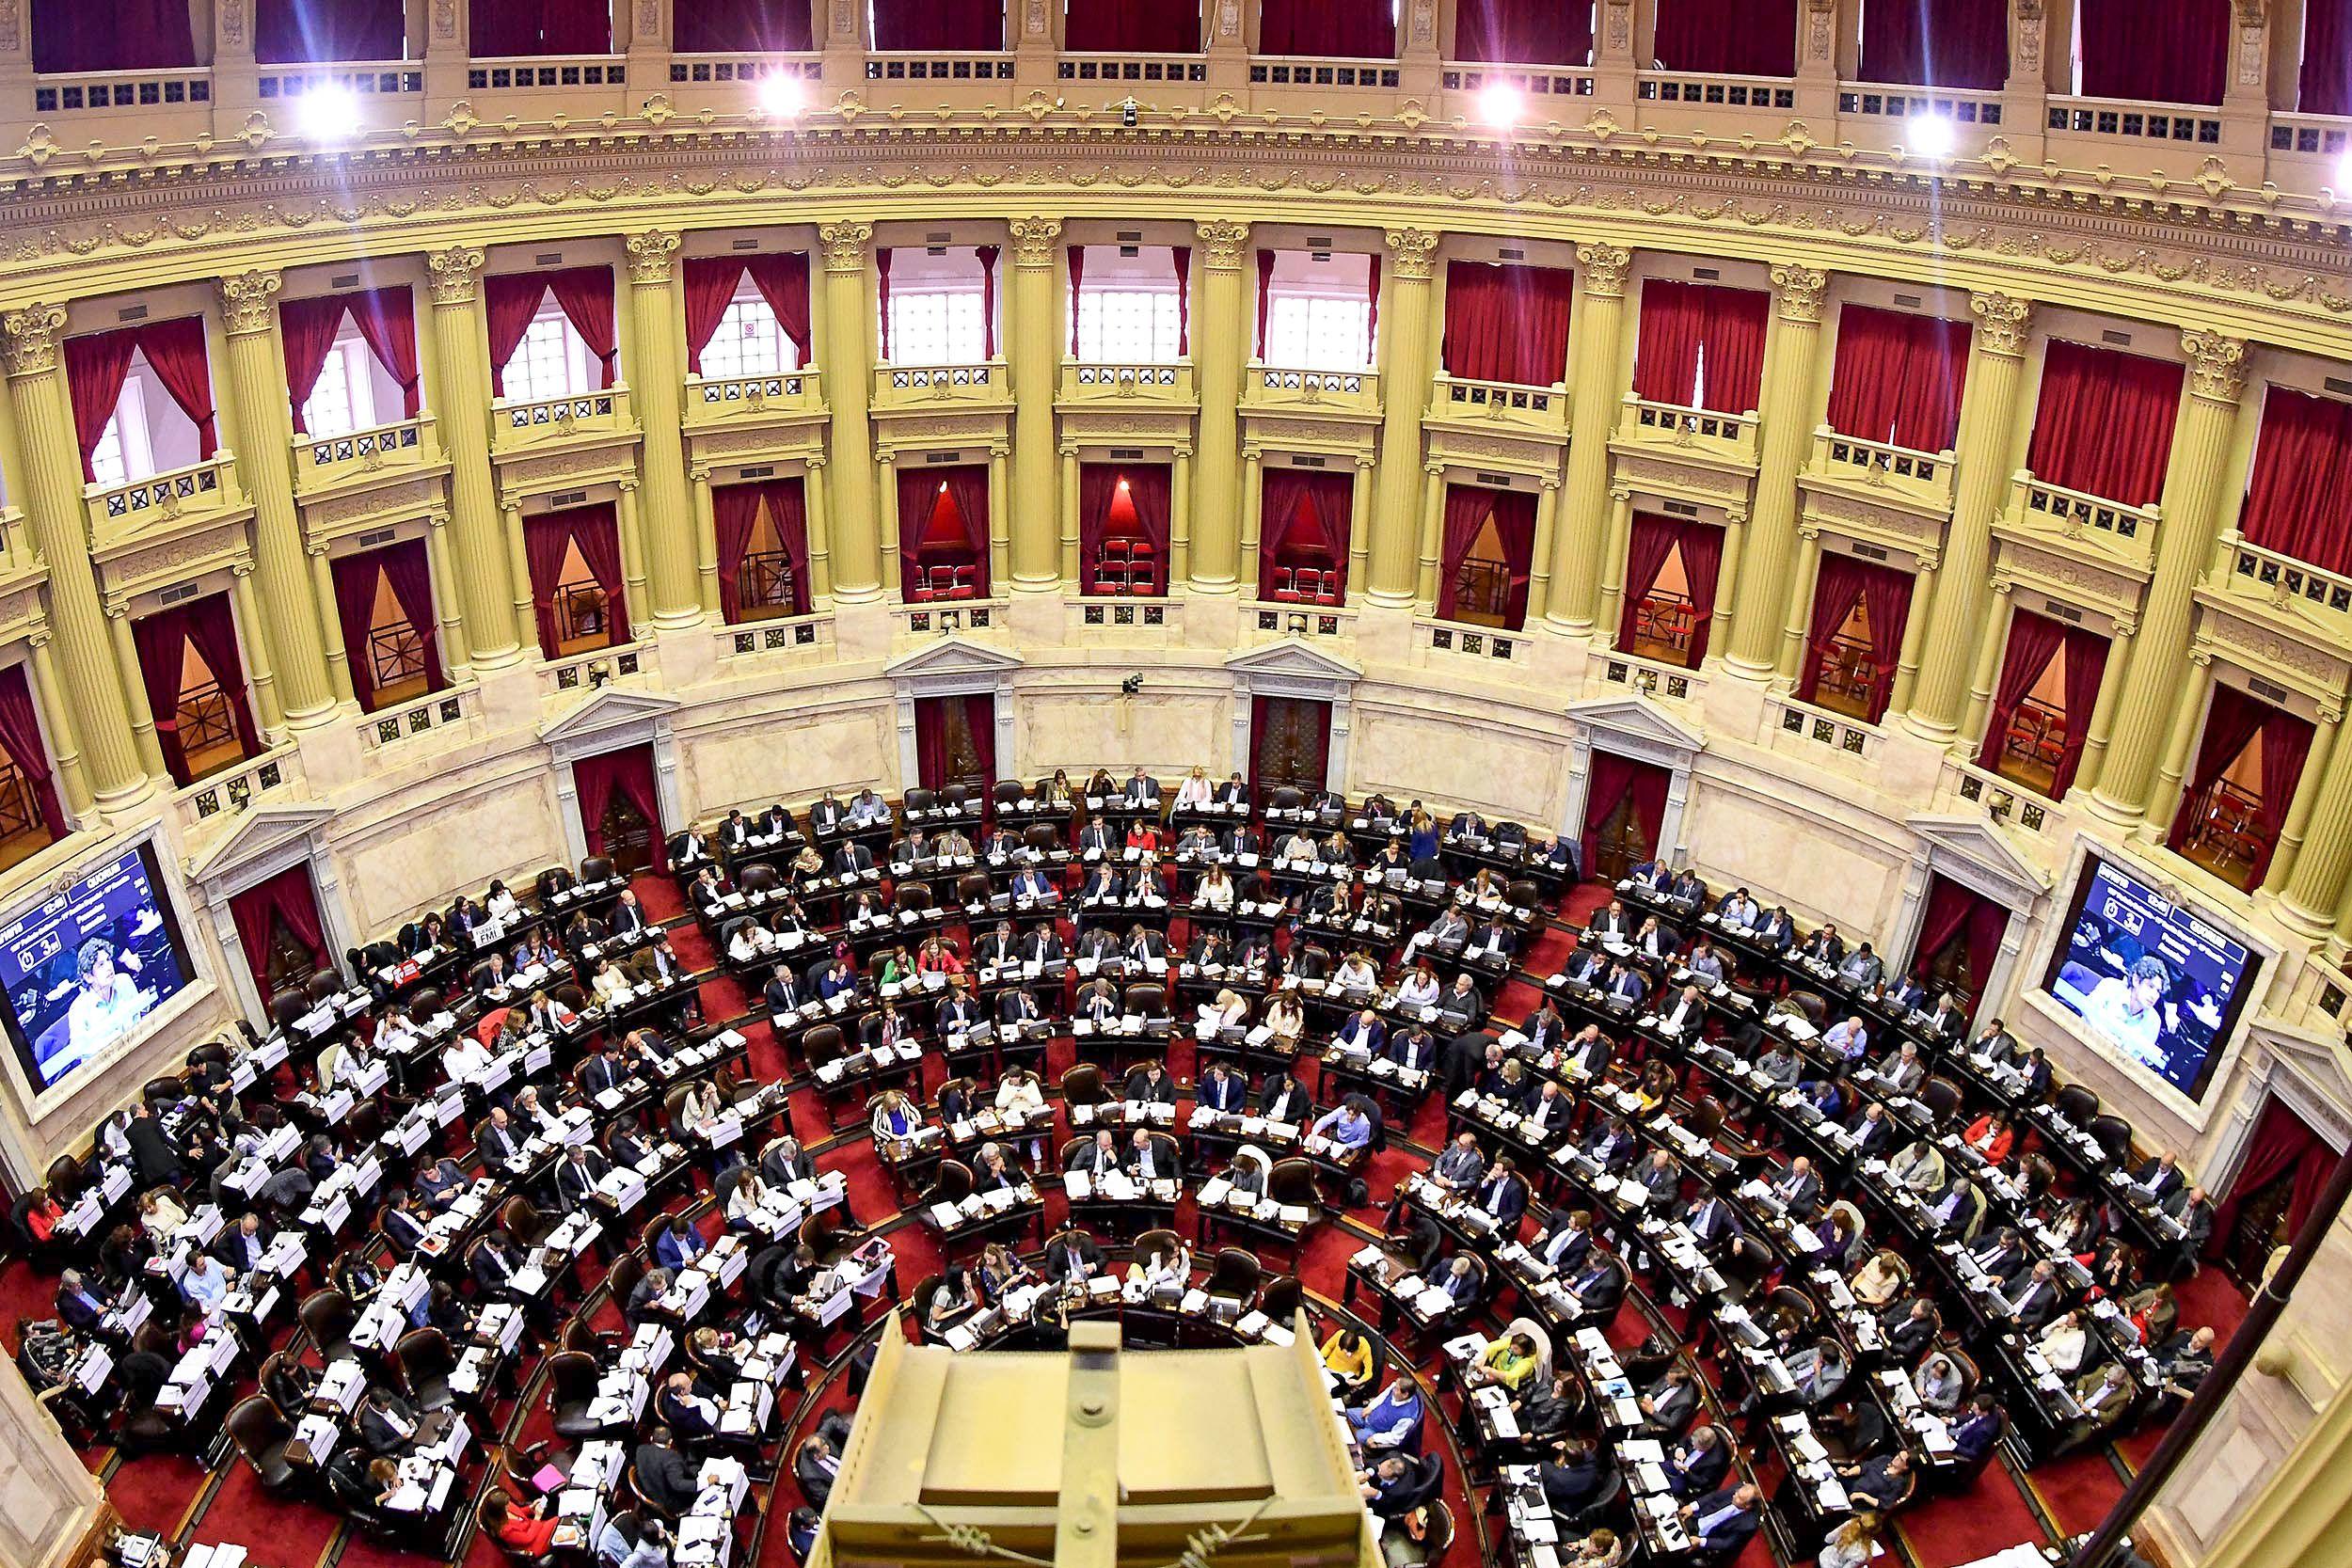 Claves para entender el Presupuesto del ajuste que se está debatiendo en Diputados